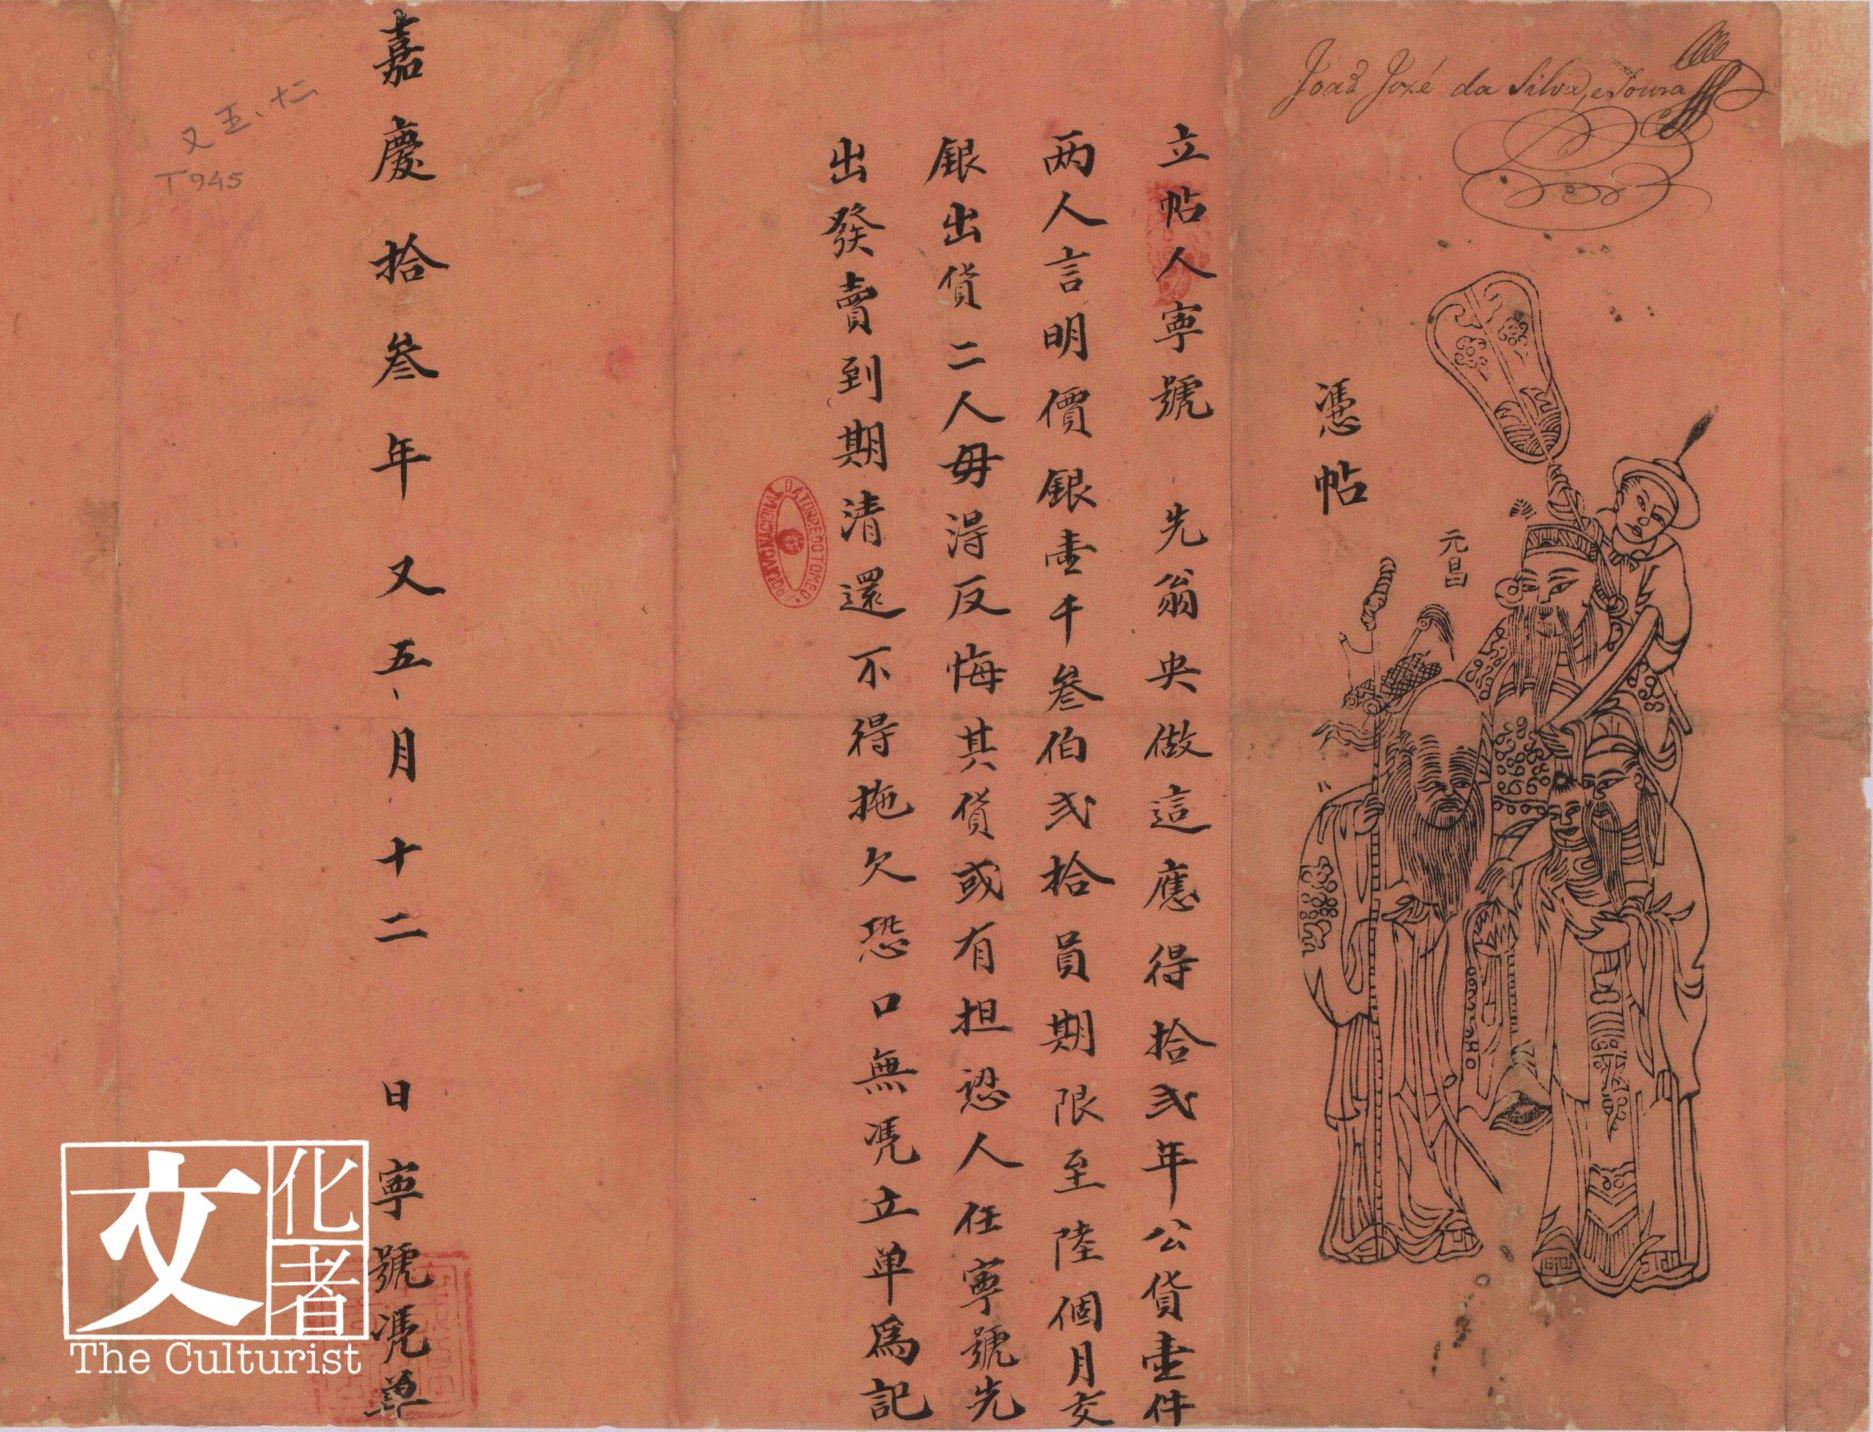 中葡文化藝術節